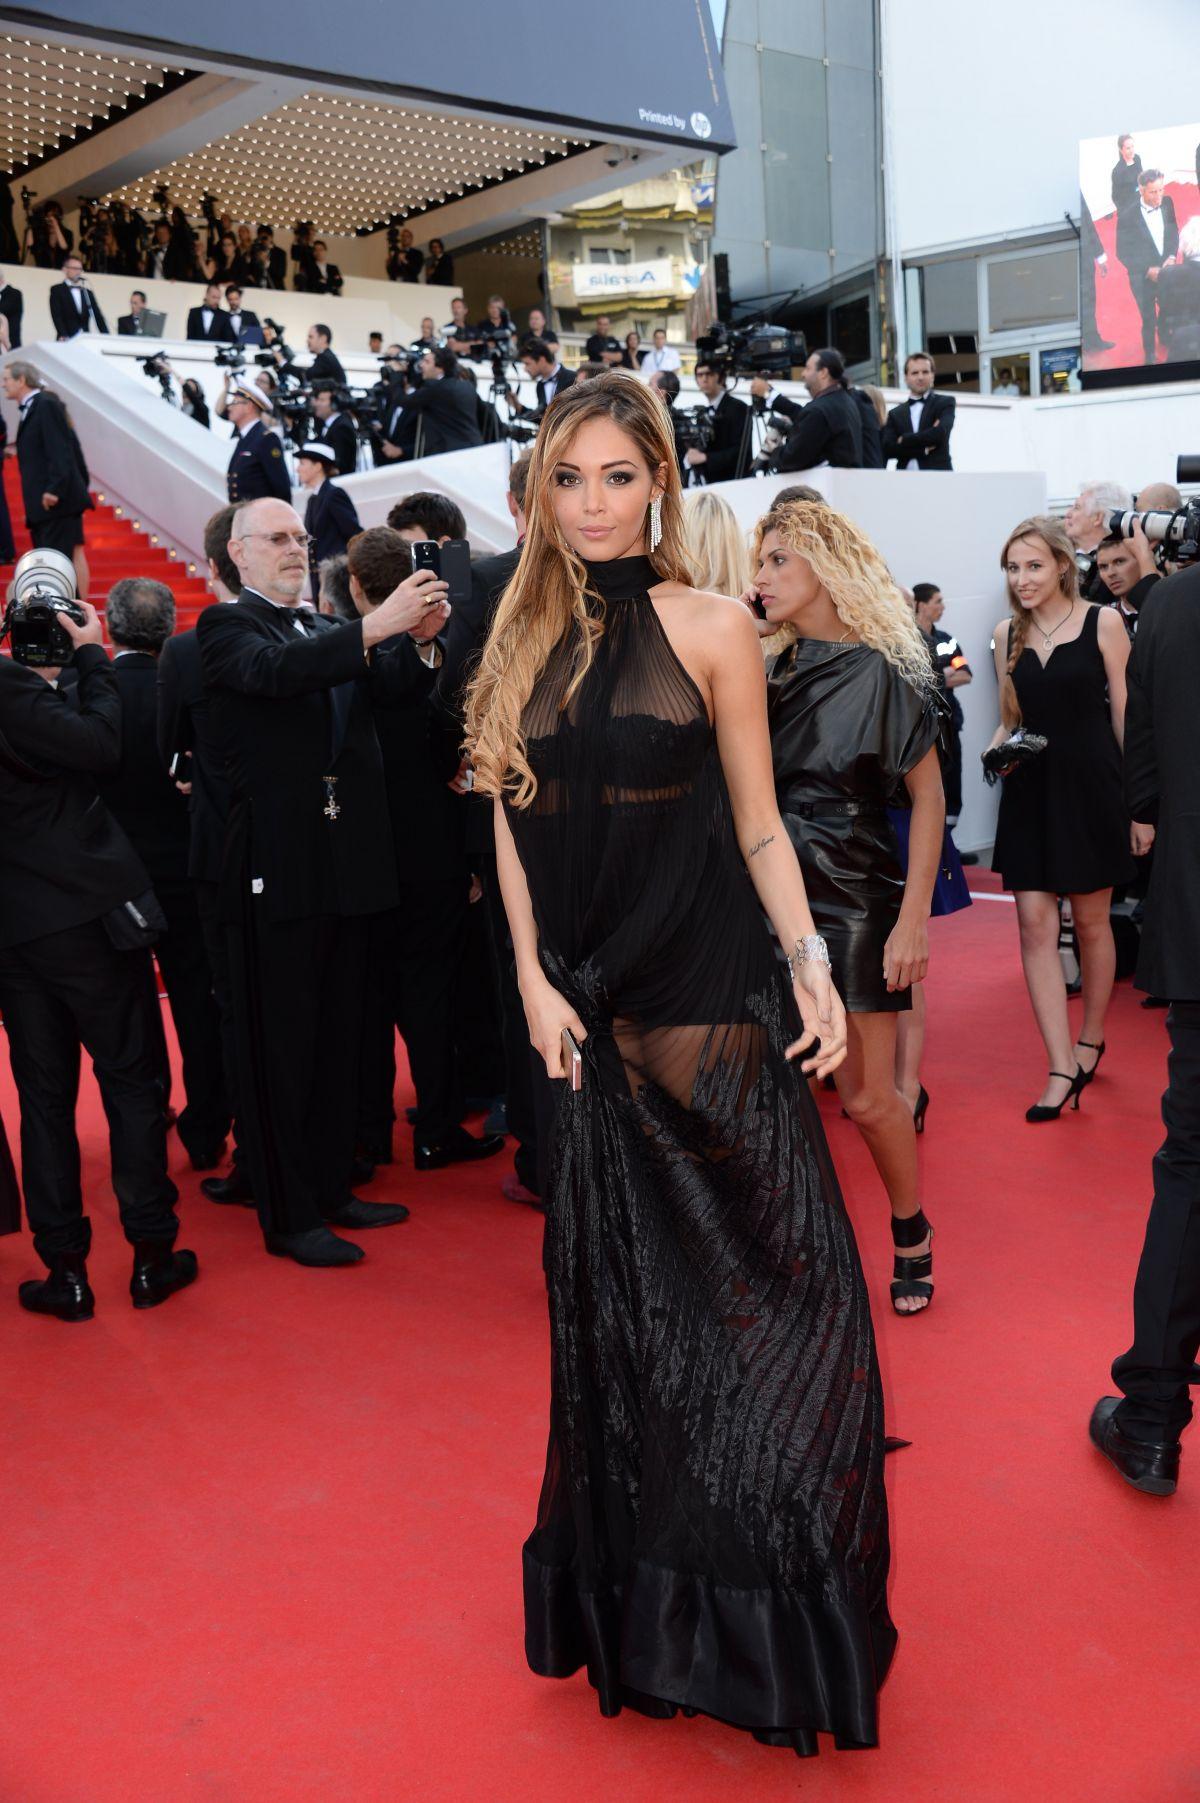 NABILLA BENATTIA at The Homesman Premiere at Cannes Film Festival